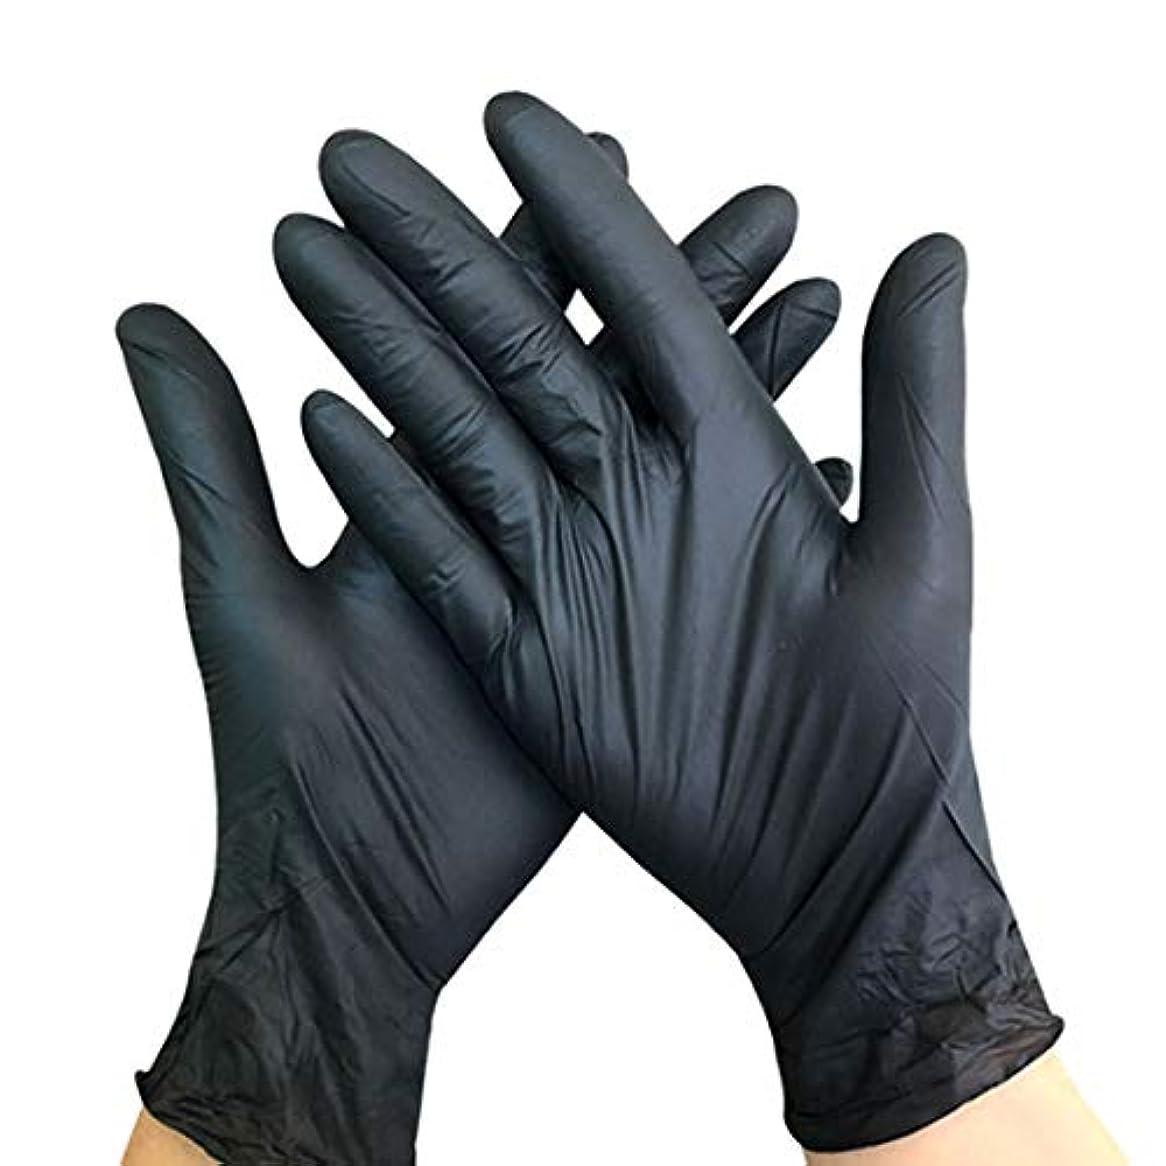 変わるペーストフォアタイプYuena Care 使い捨て手袋 100枚入 ニトリルグローブ 粉なし 作業手袋 耐油 料理 掃除 衛生 工業用 医療用 美容用 レストラン用 左右兼用 S